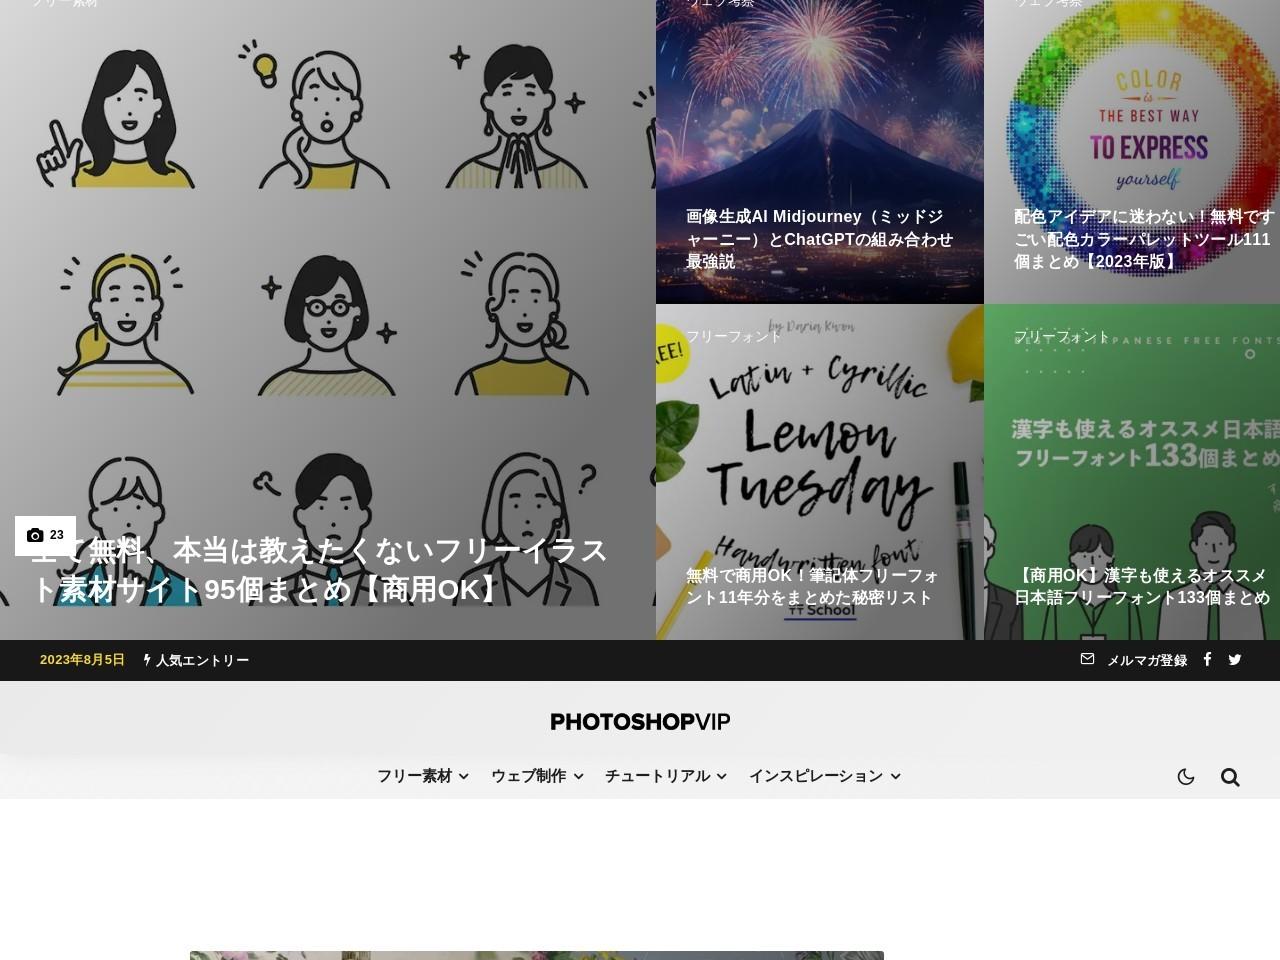 http://photoshopvip.net/wp-content/uploads/2012/11/texteffect_ai_top.jpg